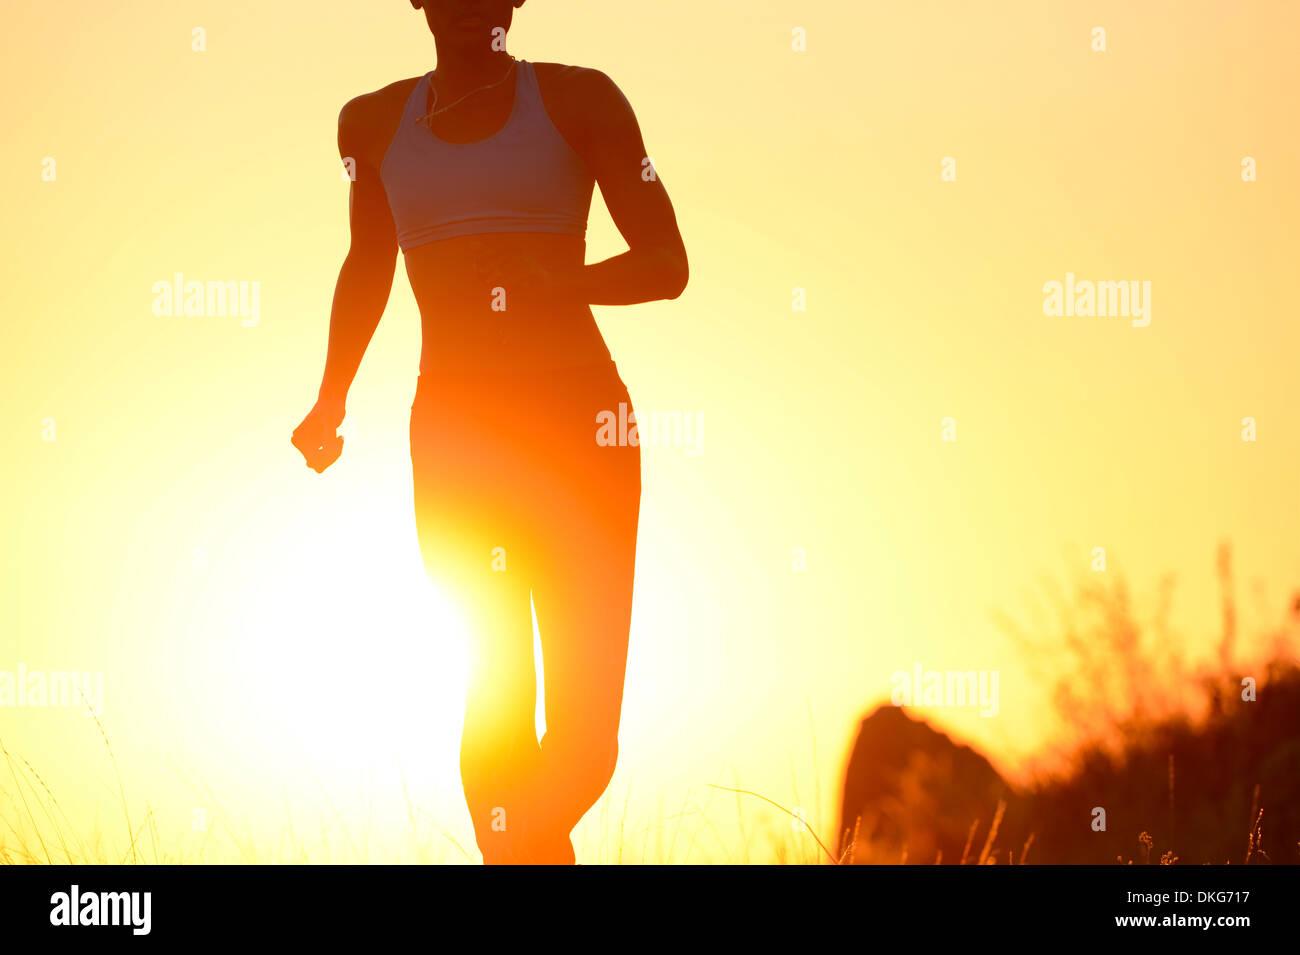 Silhouette der jungen Frau läuft bei Sonnenuntergang Stockbild